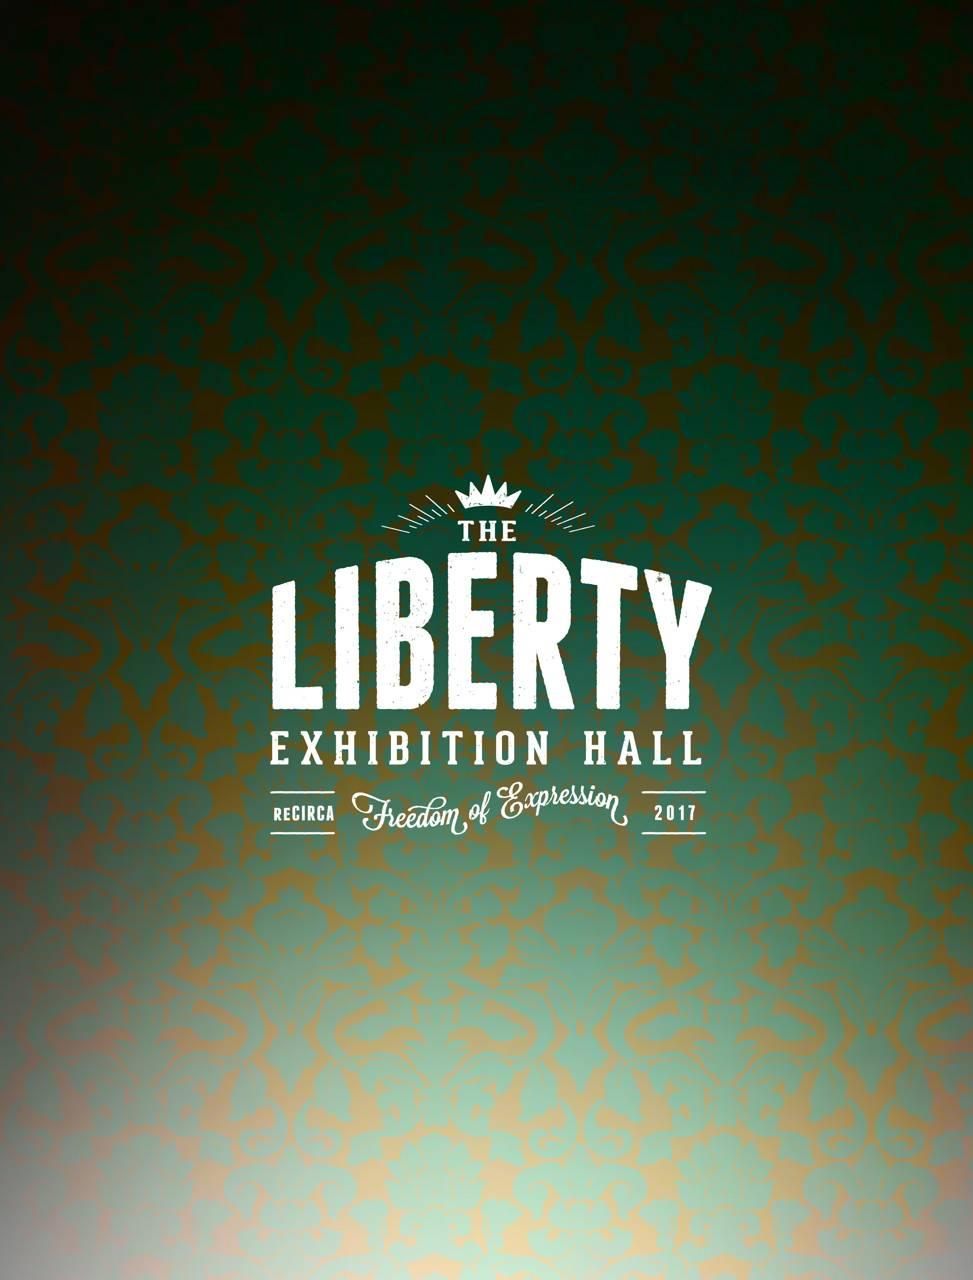 Liberty Exhibition